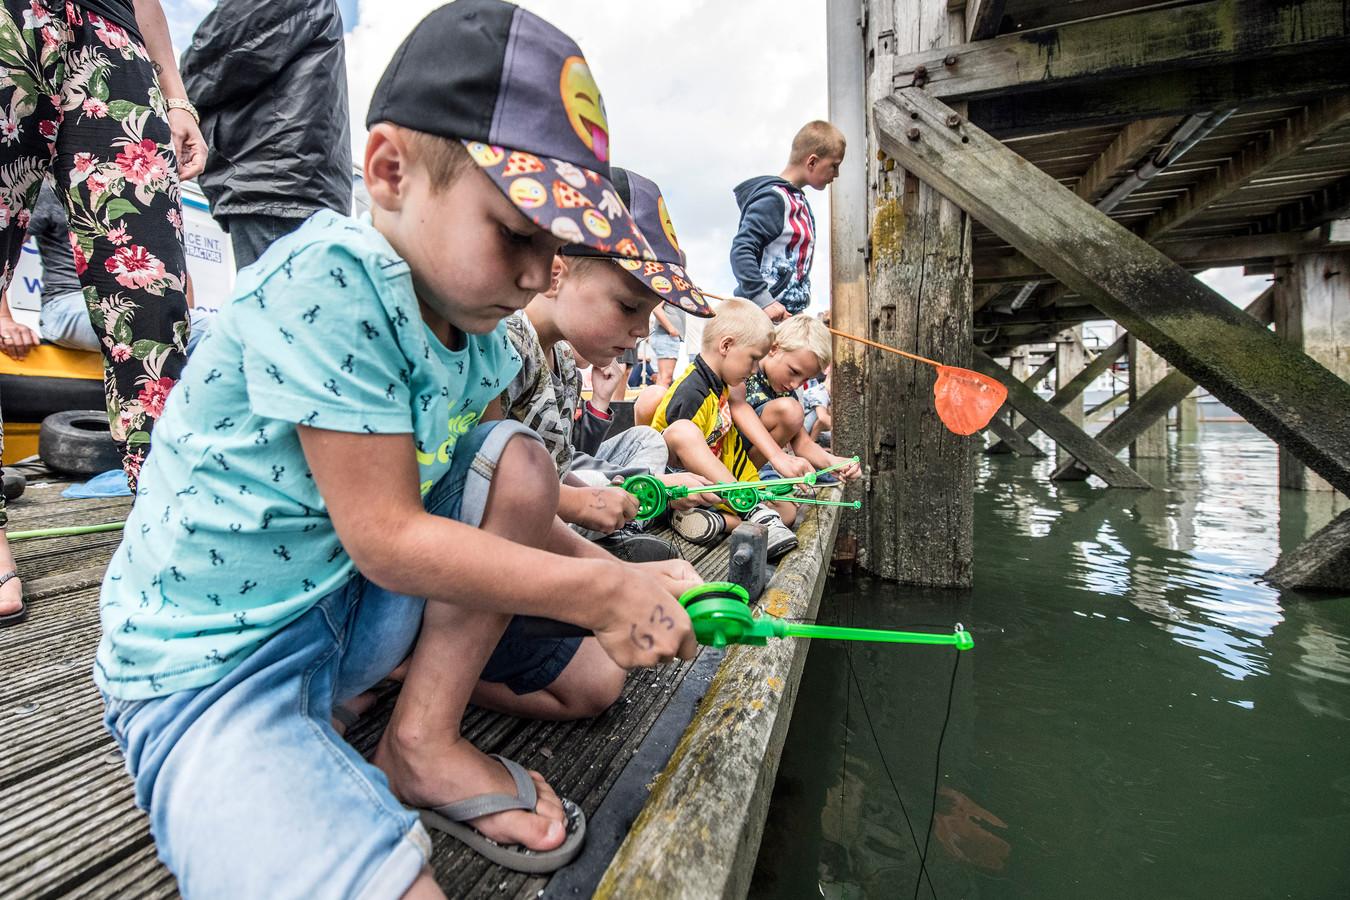 Tim (7) en Rik (4) van Keulen uit Colijnsplaat proberen met hun speciale krabhengels zo veel mogelijk krabben te vangen tijdens het Zeeuws kampioenschap krabben vissen in Colijnsplaat.